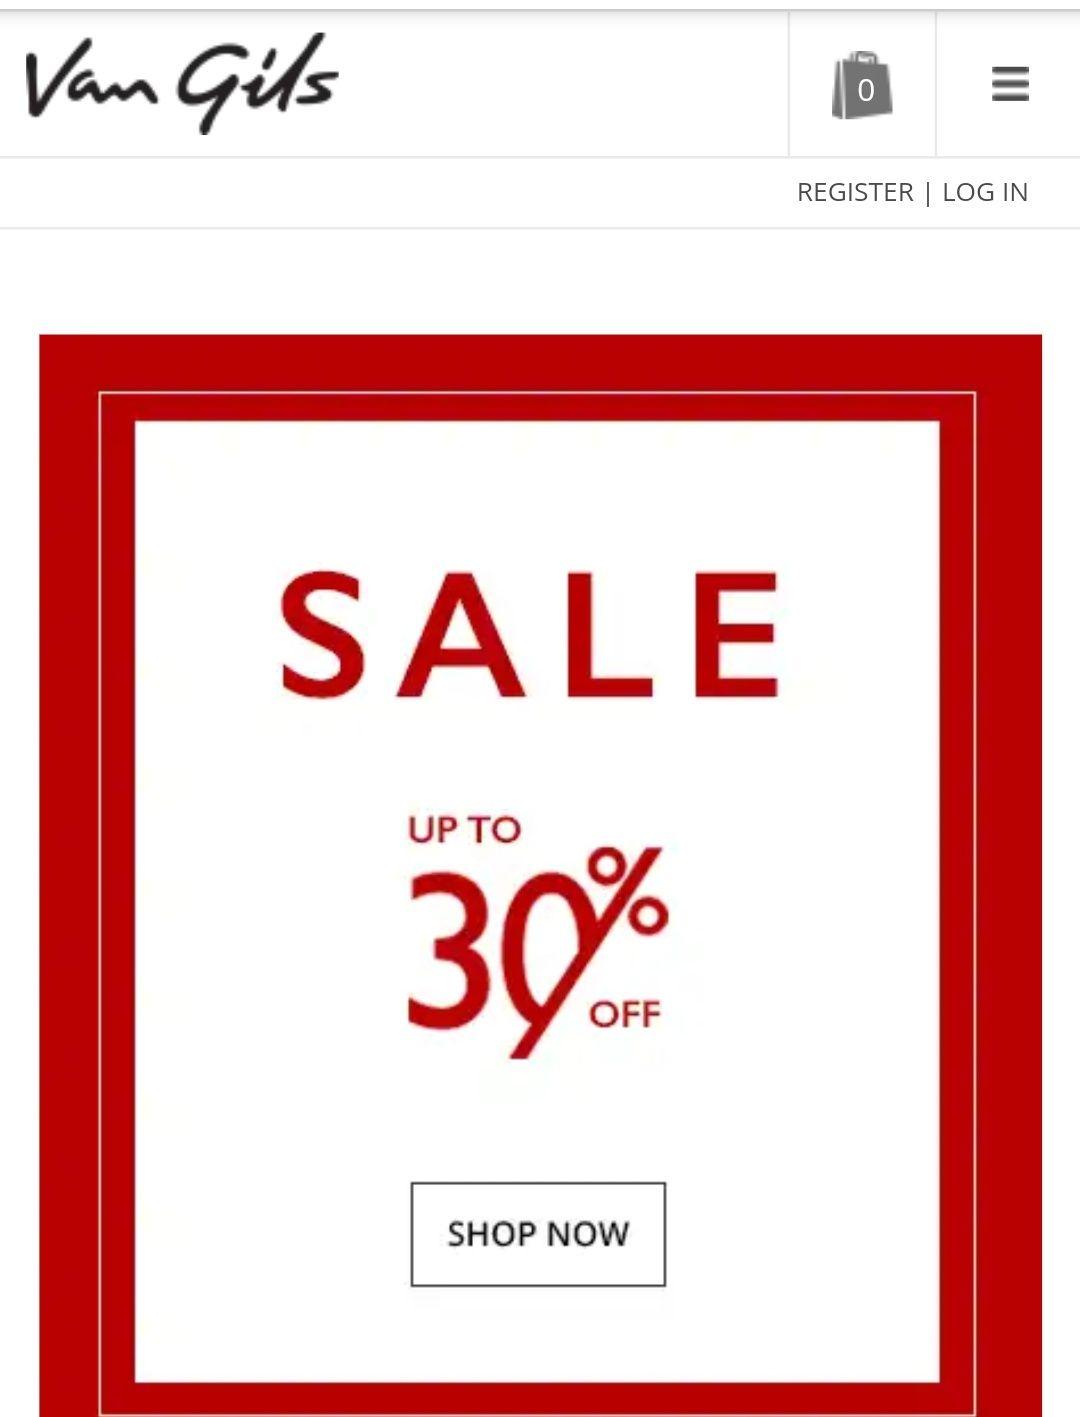 Van Gils sale 30%